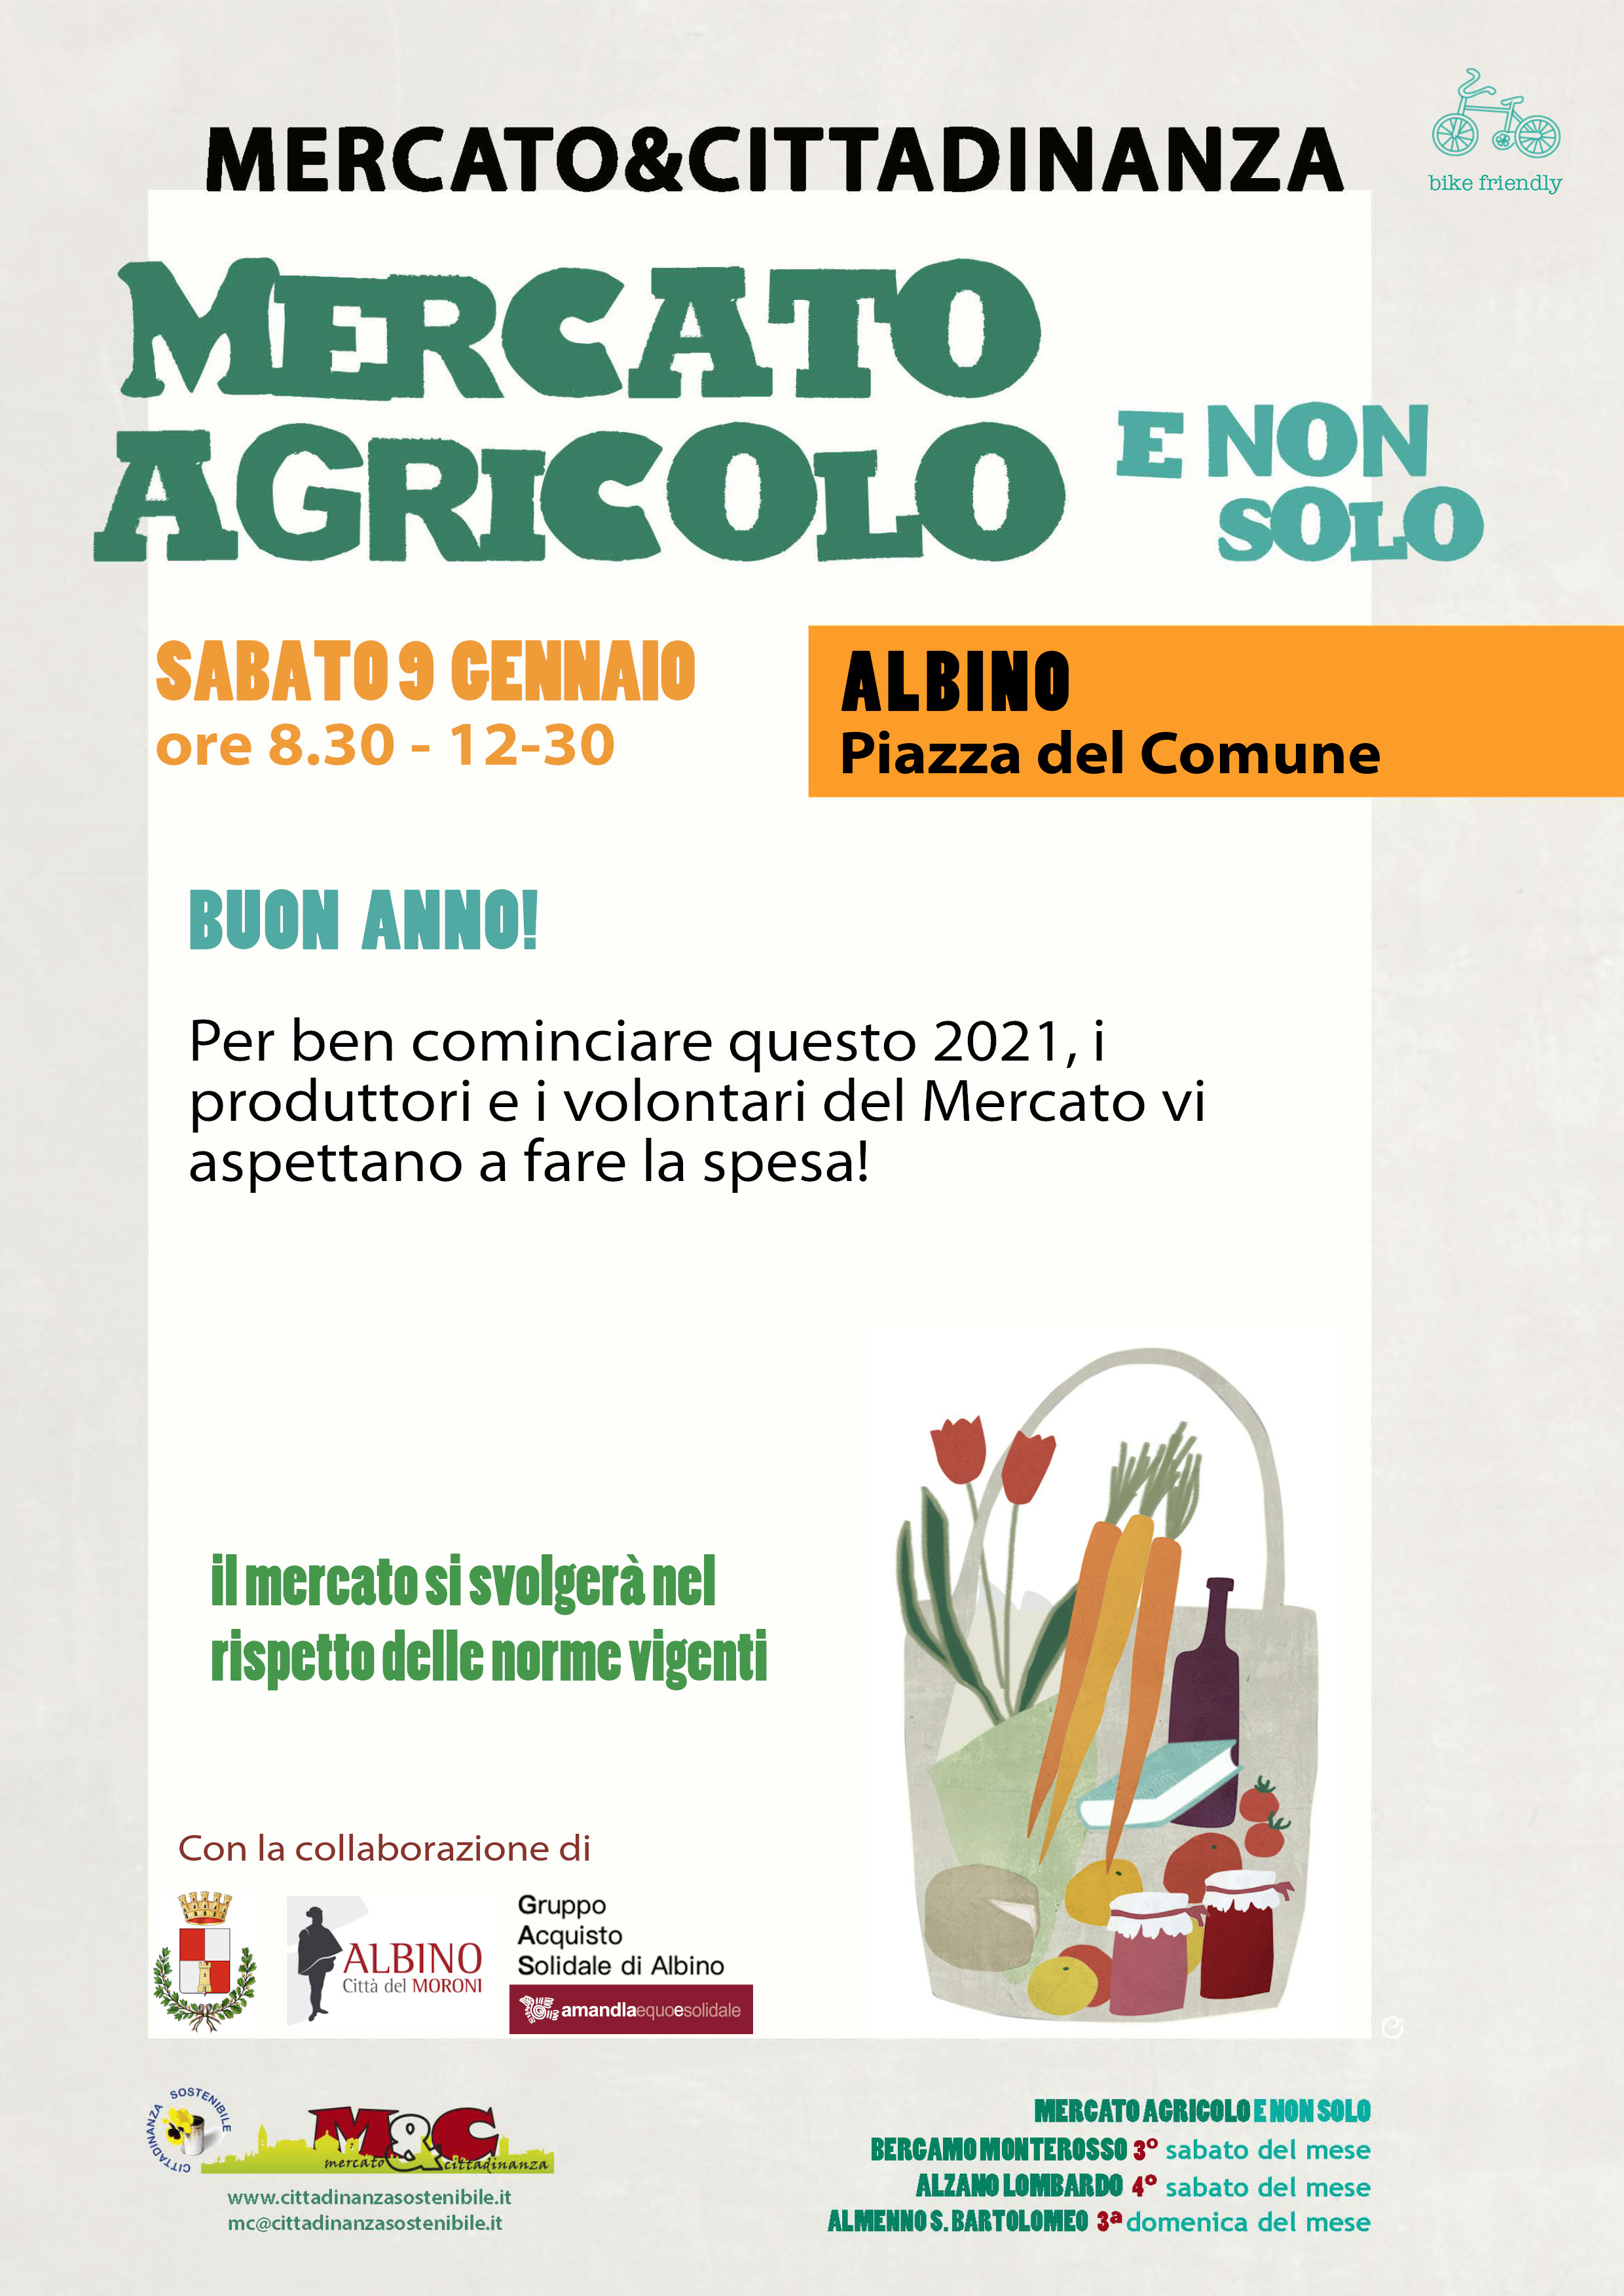 9 gennaio 2021 - Mercato Agricolo e Non Solo